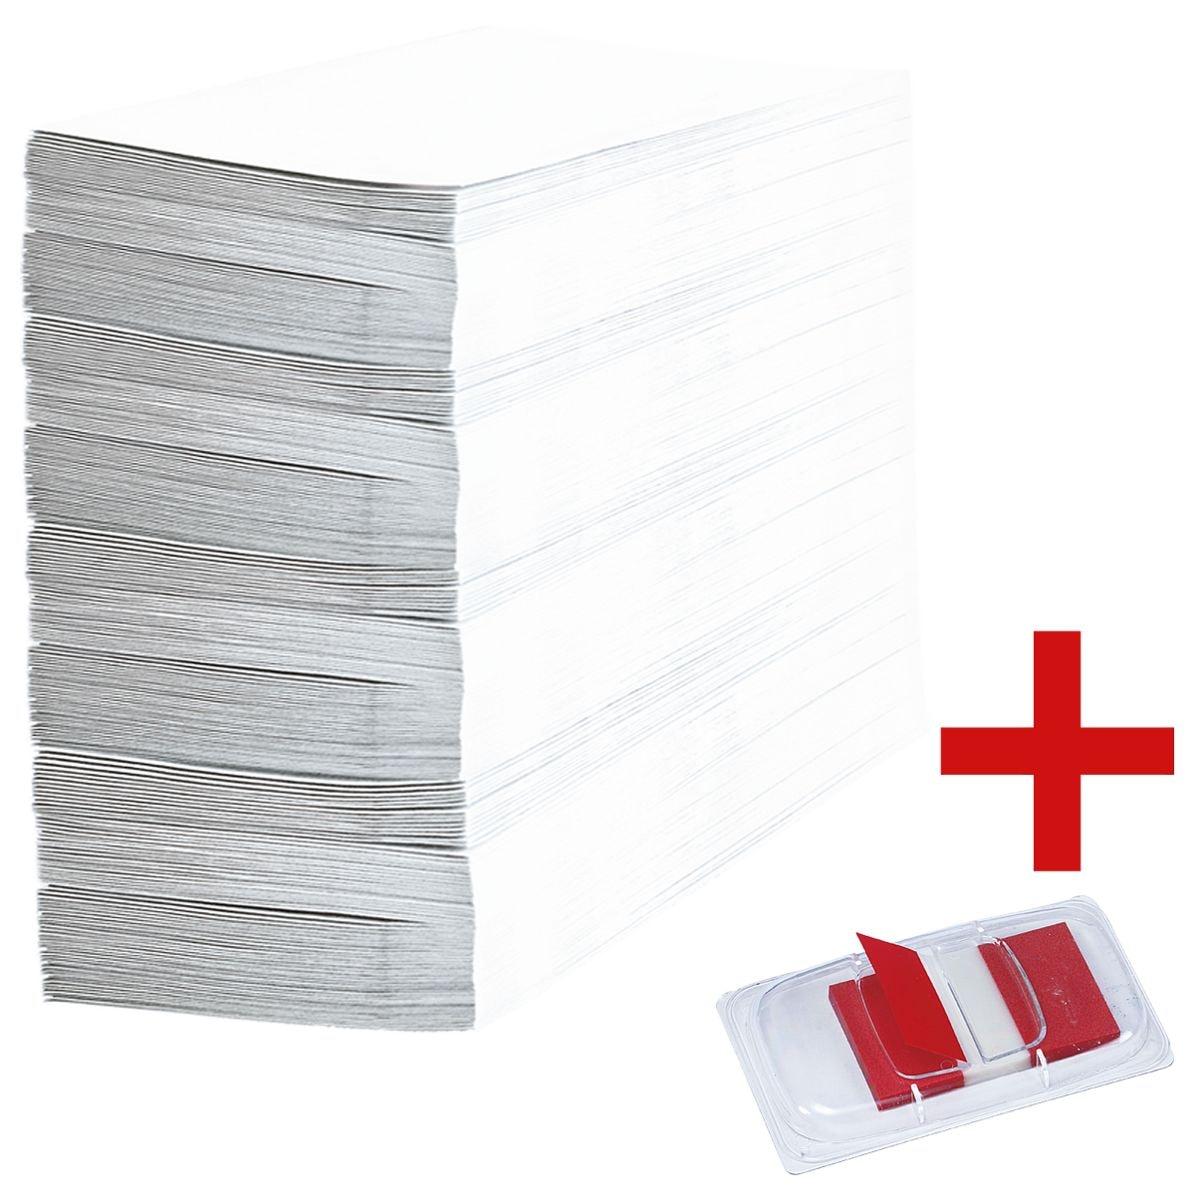 Enveloppes otto office c6 80 g m sans fen tre 1000 for Enveloppe sans fenetre